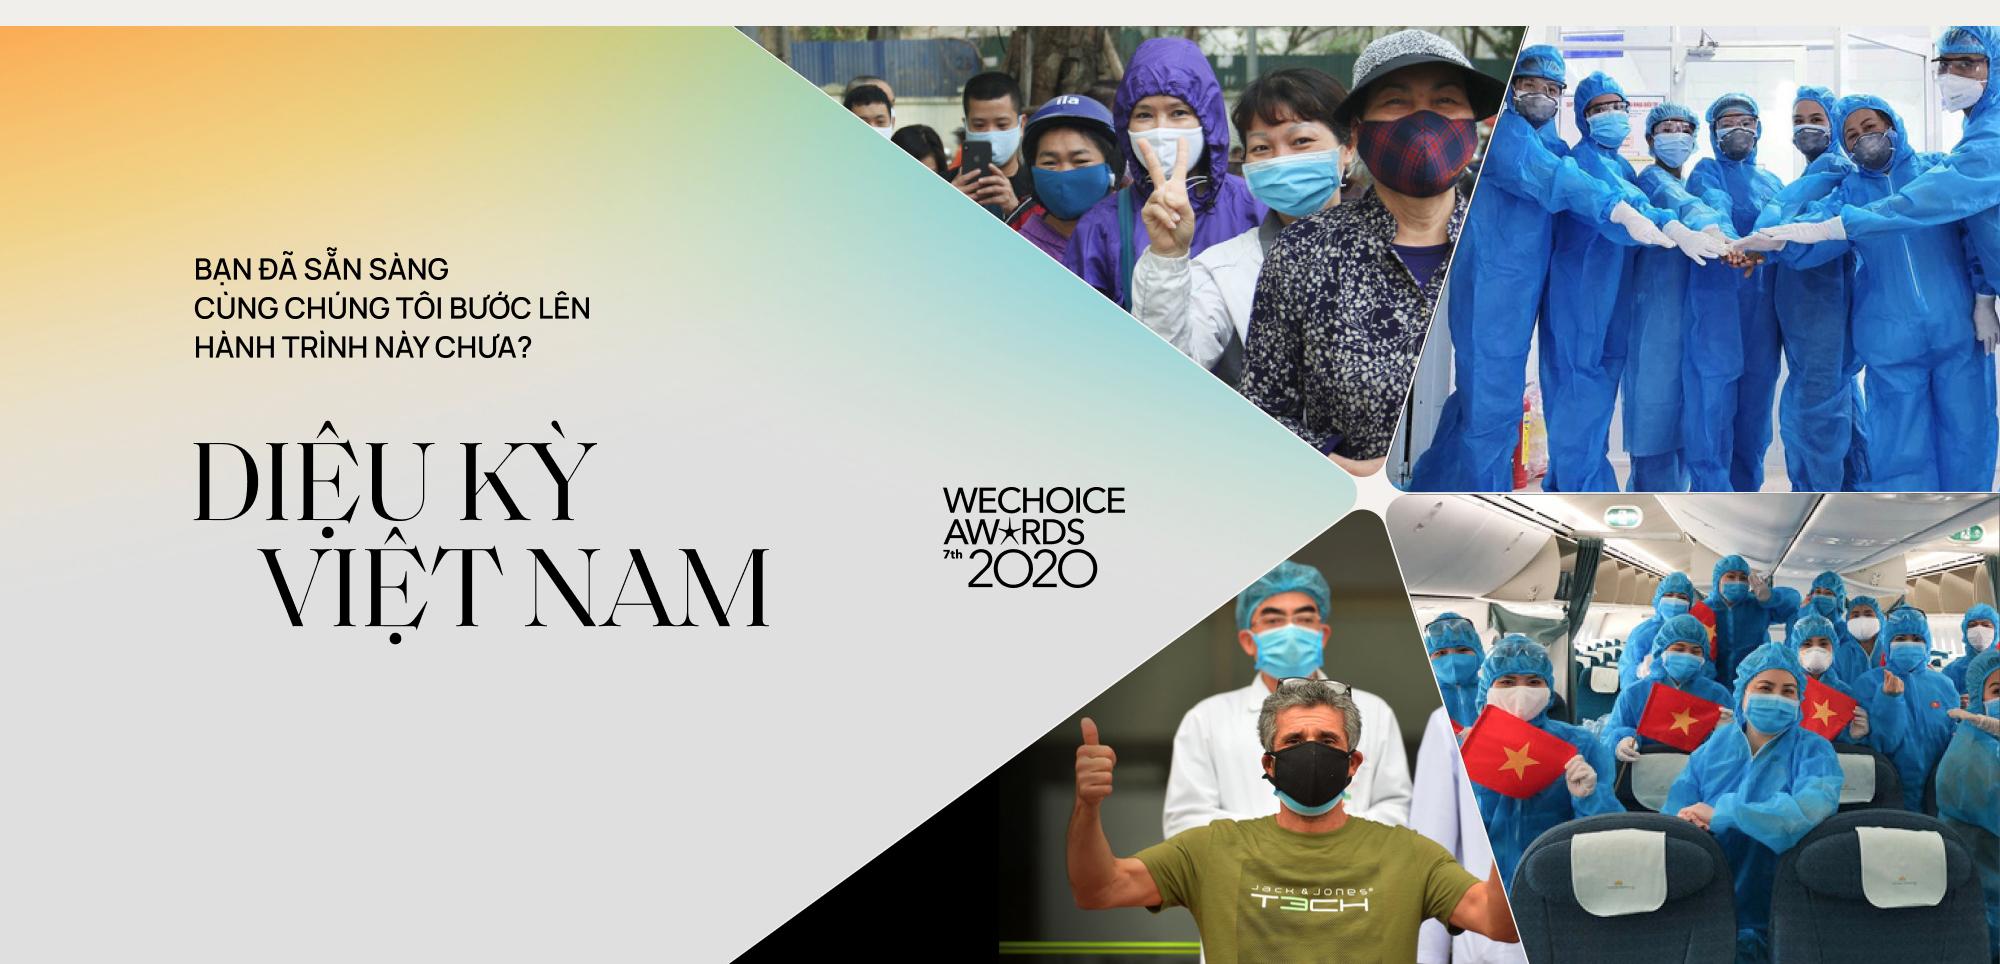 WeChoice Awards 2020: Diệu kỳ Việt Nam - khi phép màu đến từ những điều giản đơn nhất - Ảnh 14.